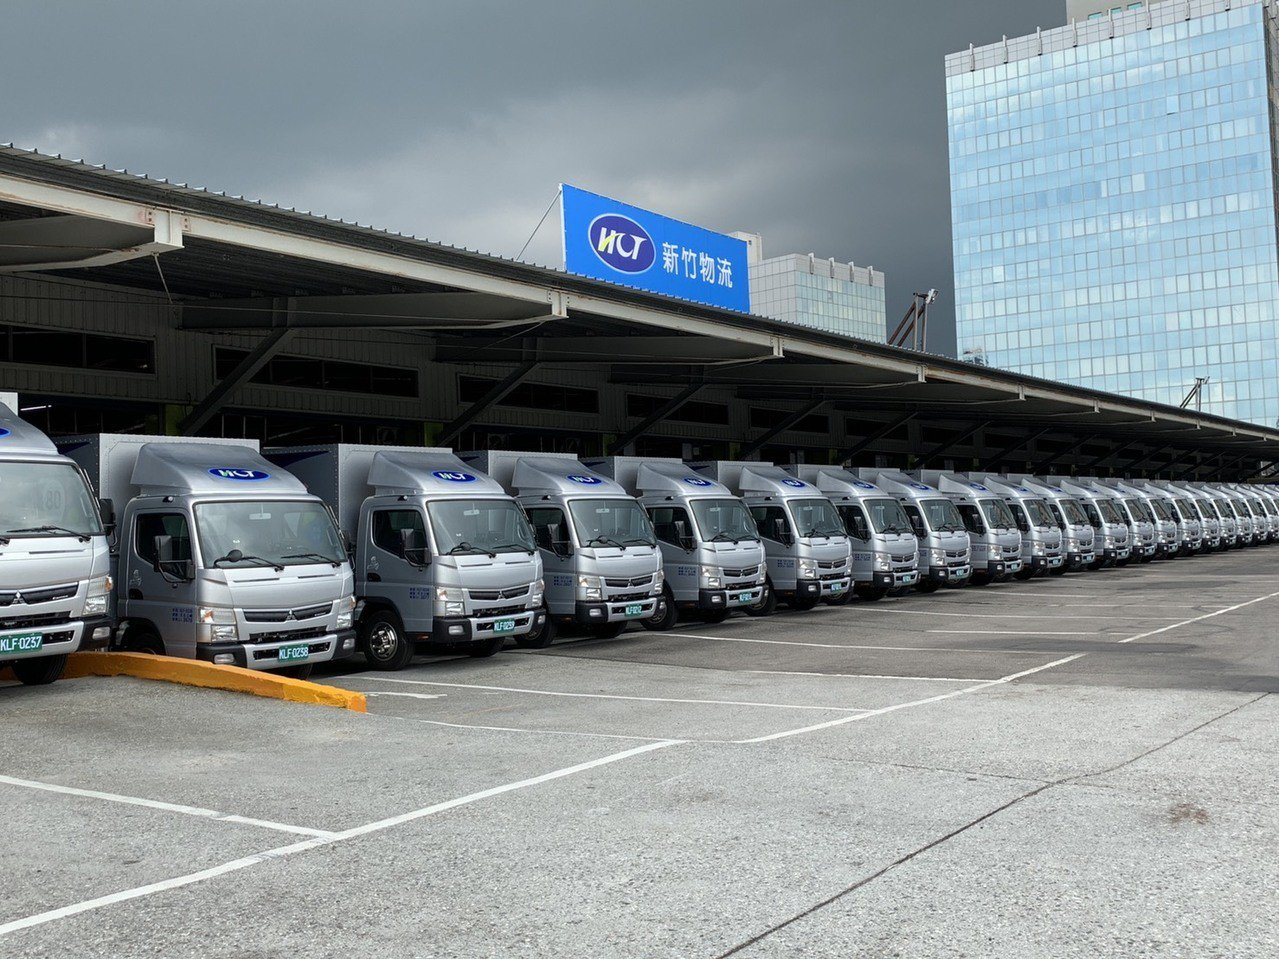 新竹物流擁有3500輛大型車隊,近年積極配合汰舊換新。記者張曼蘋/攝影